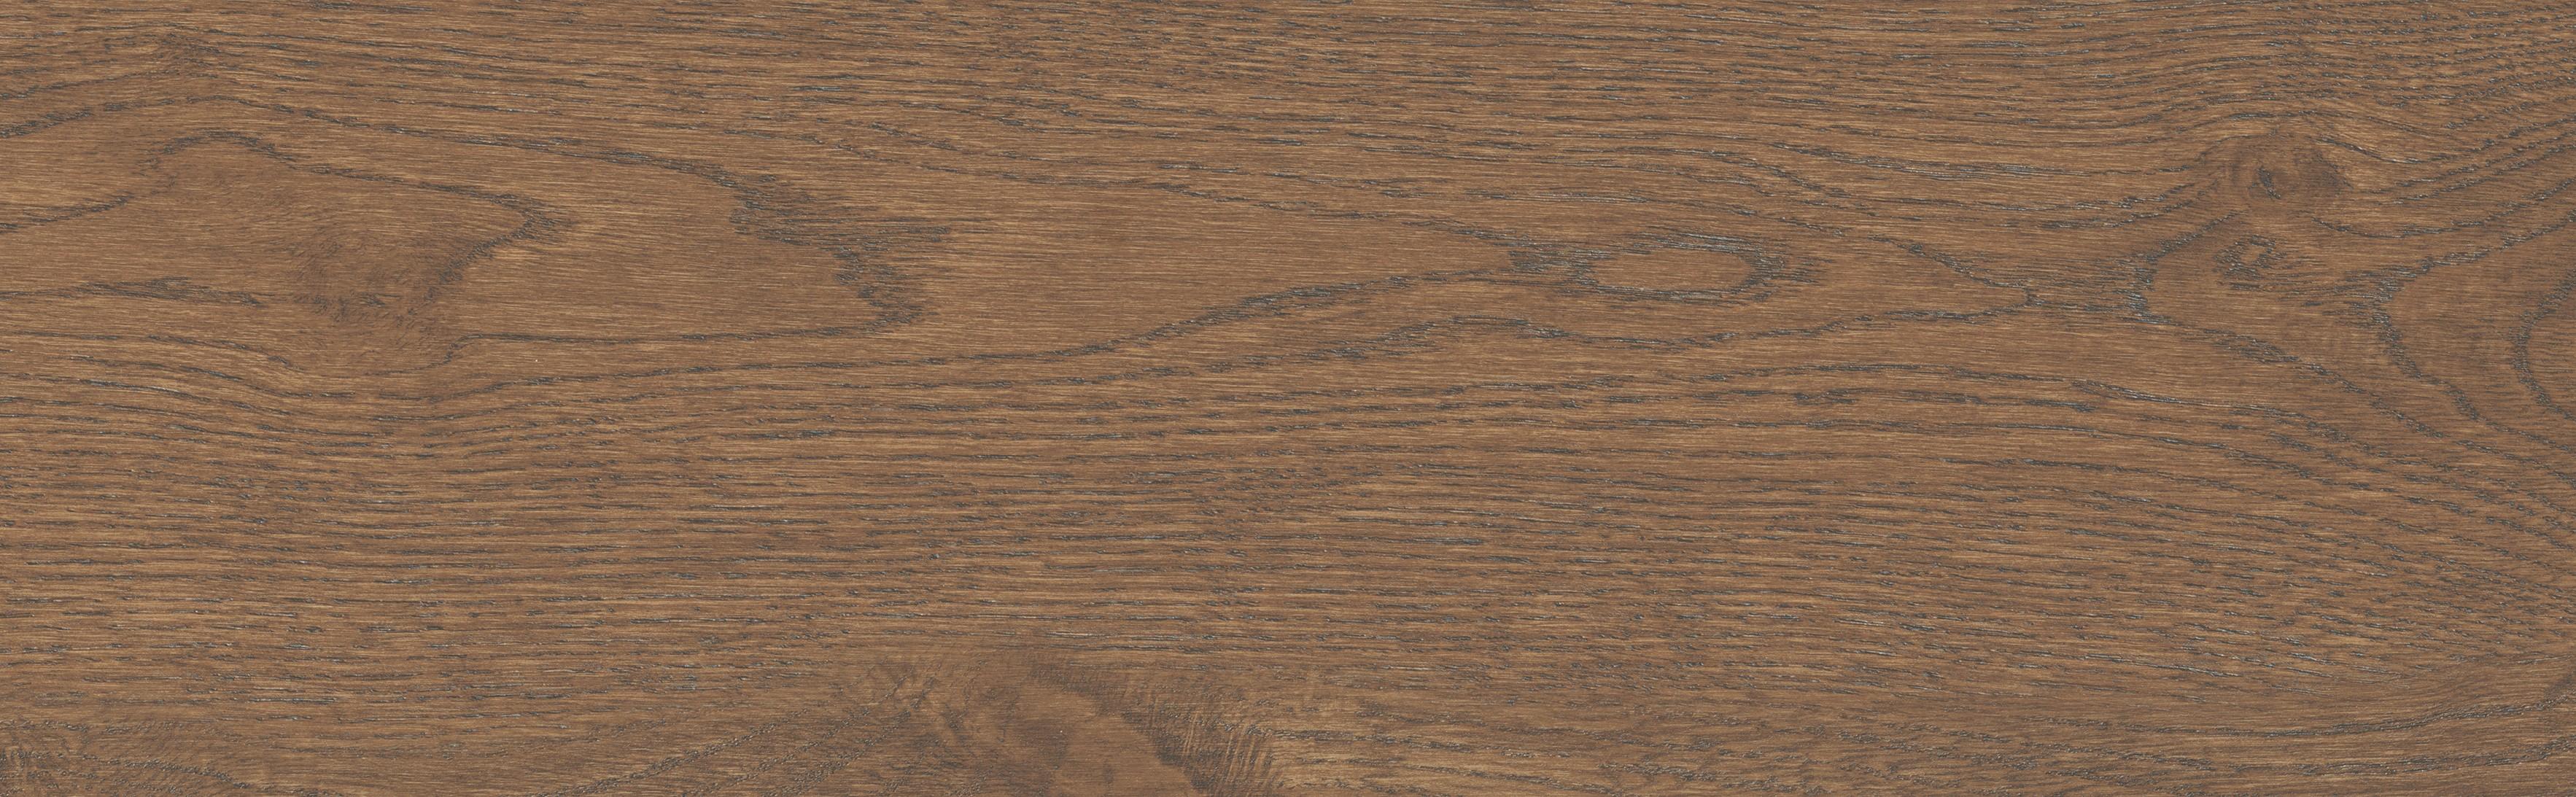 Kерамограніт Royalwood 18.5x59.8 brown